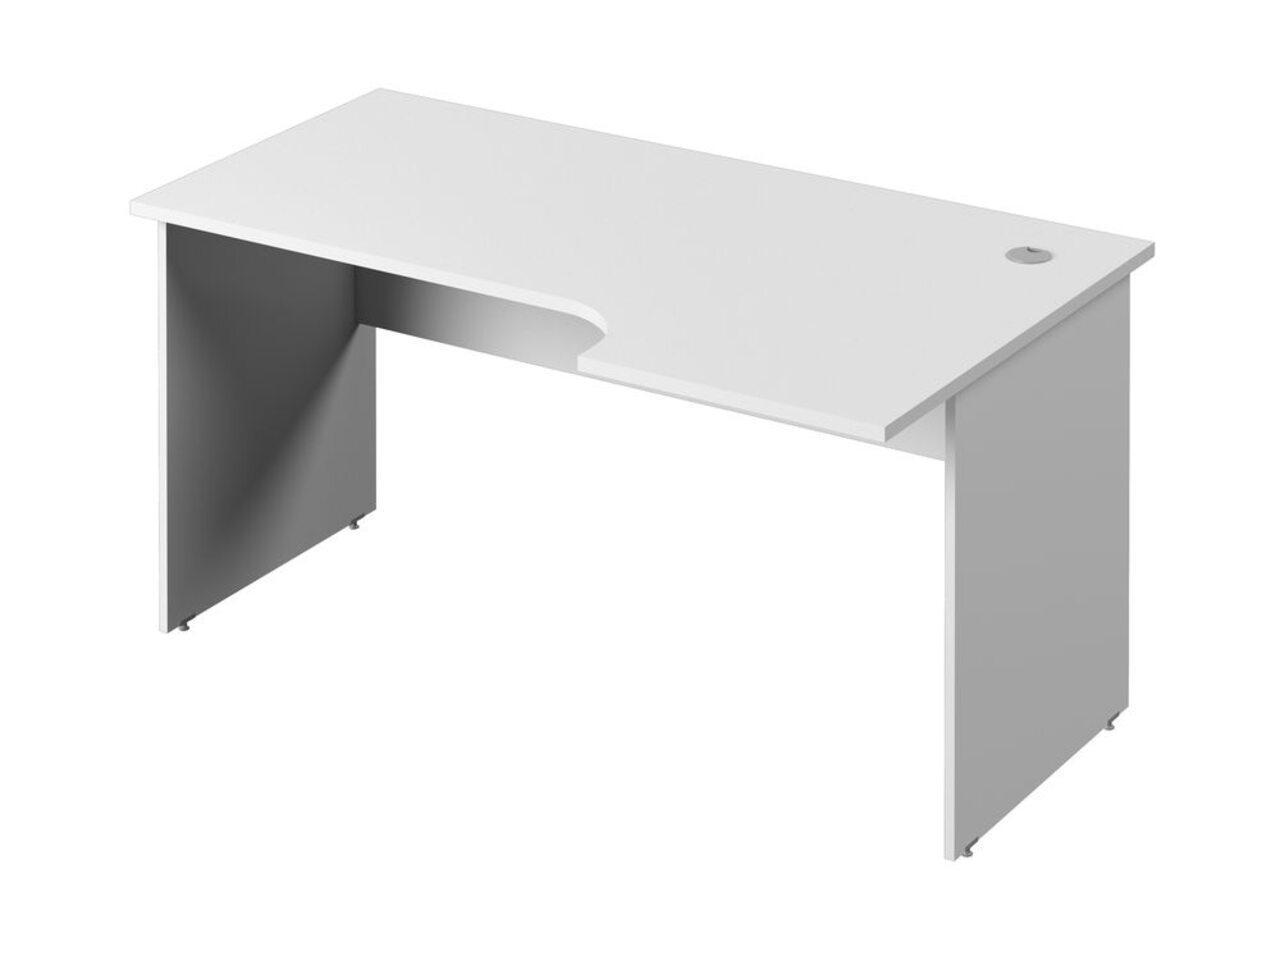 Стол эргономичный с опорами из ЛДСП  (правый) Public Comfort 150x52x71 - фото 1